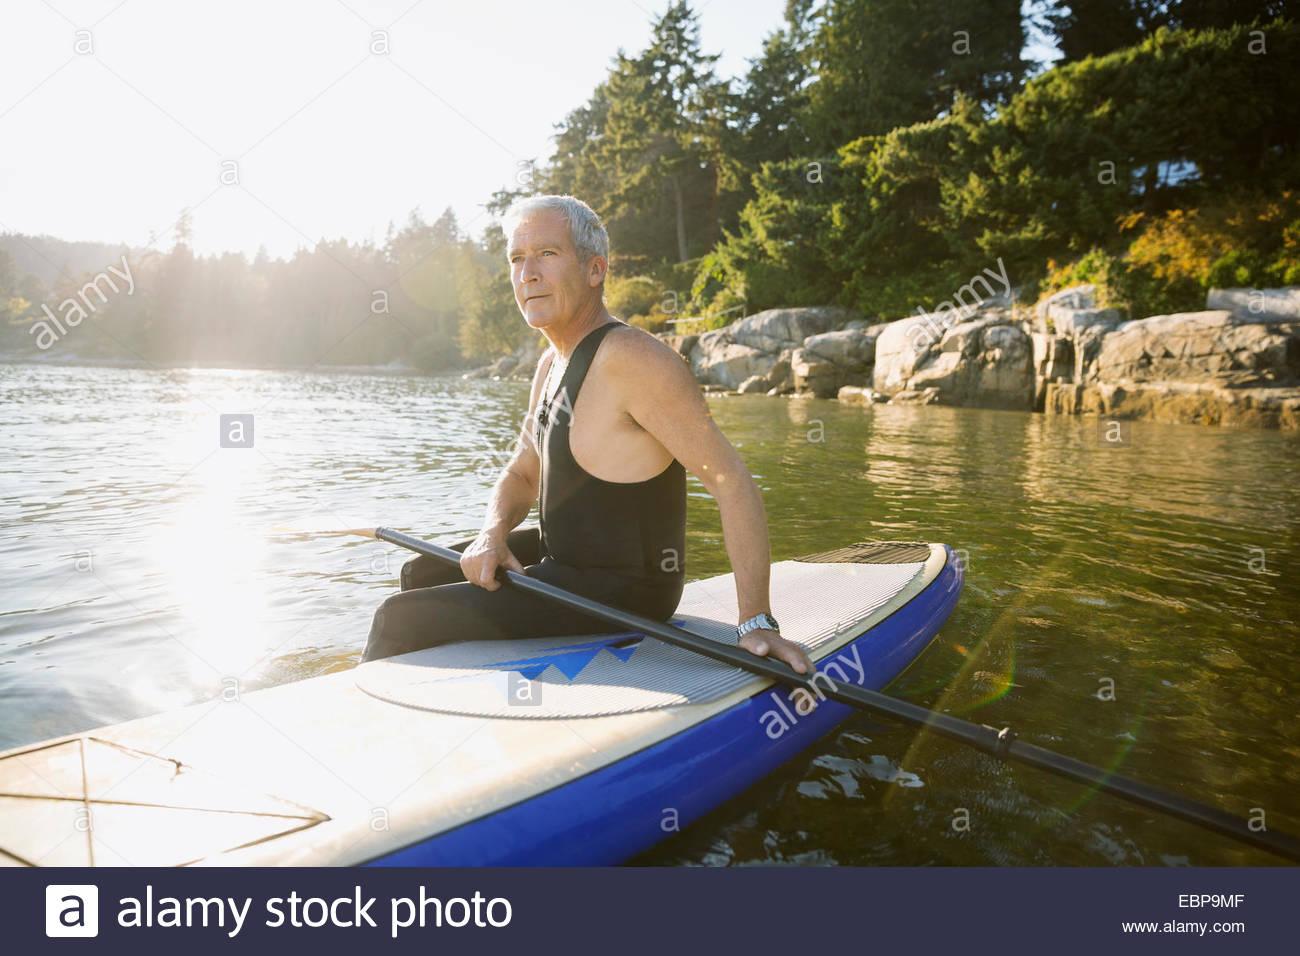 Hombre sentado en Senior paddle board en Ocean Imagen De Stock